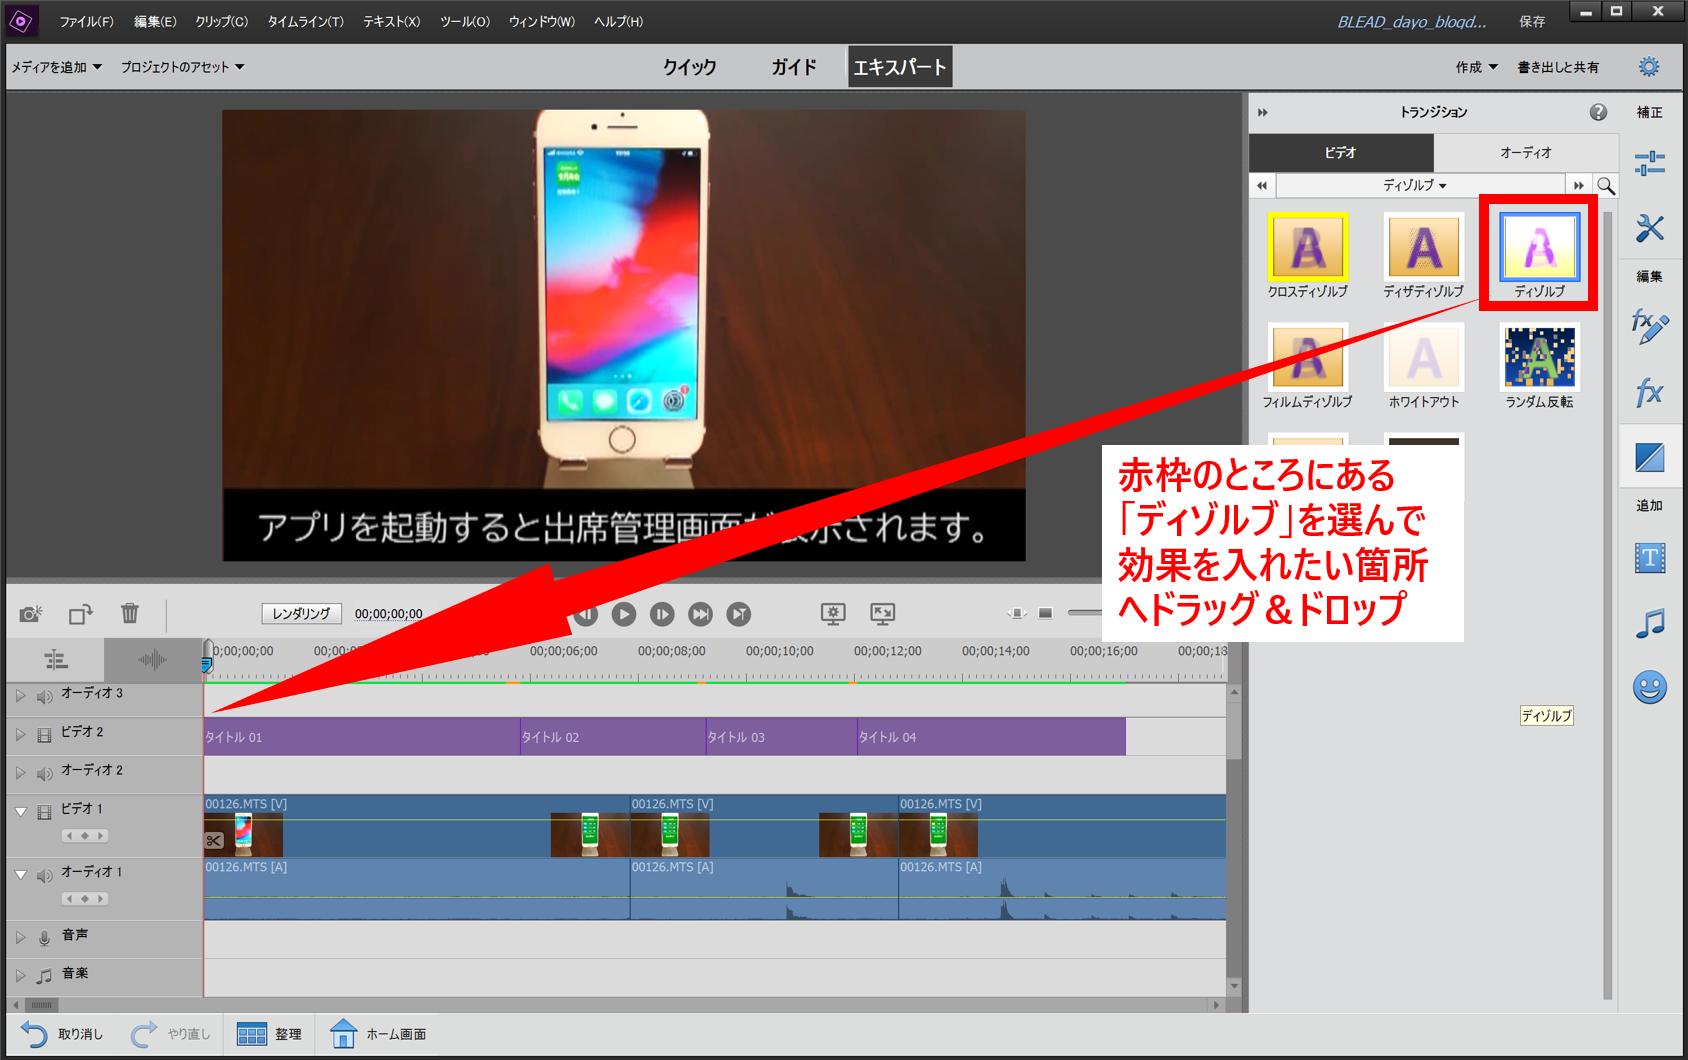 ディゾルブの効果を字幕のタイムラインに反映させている画像